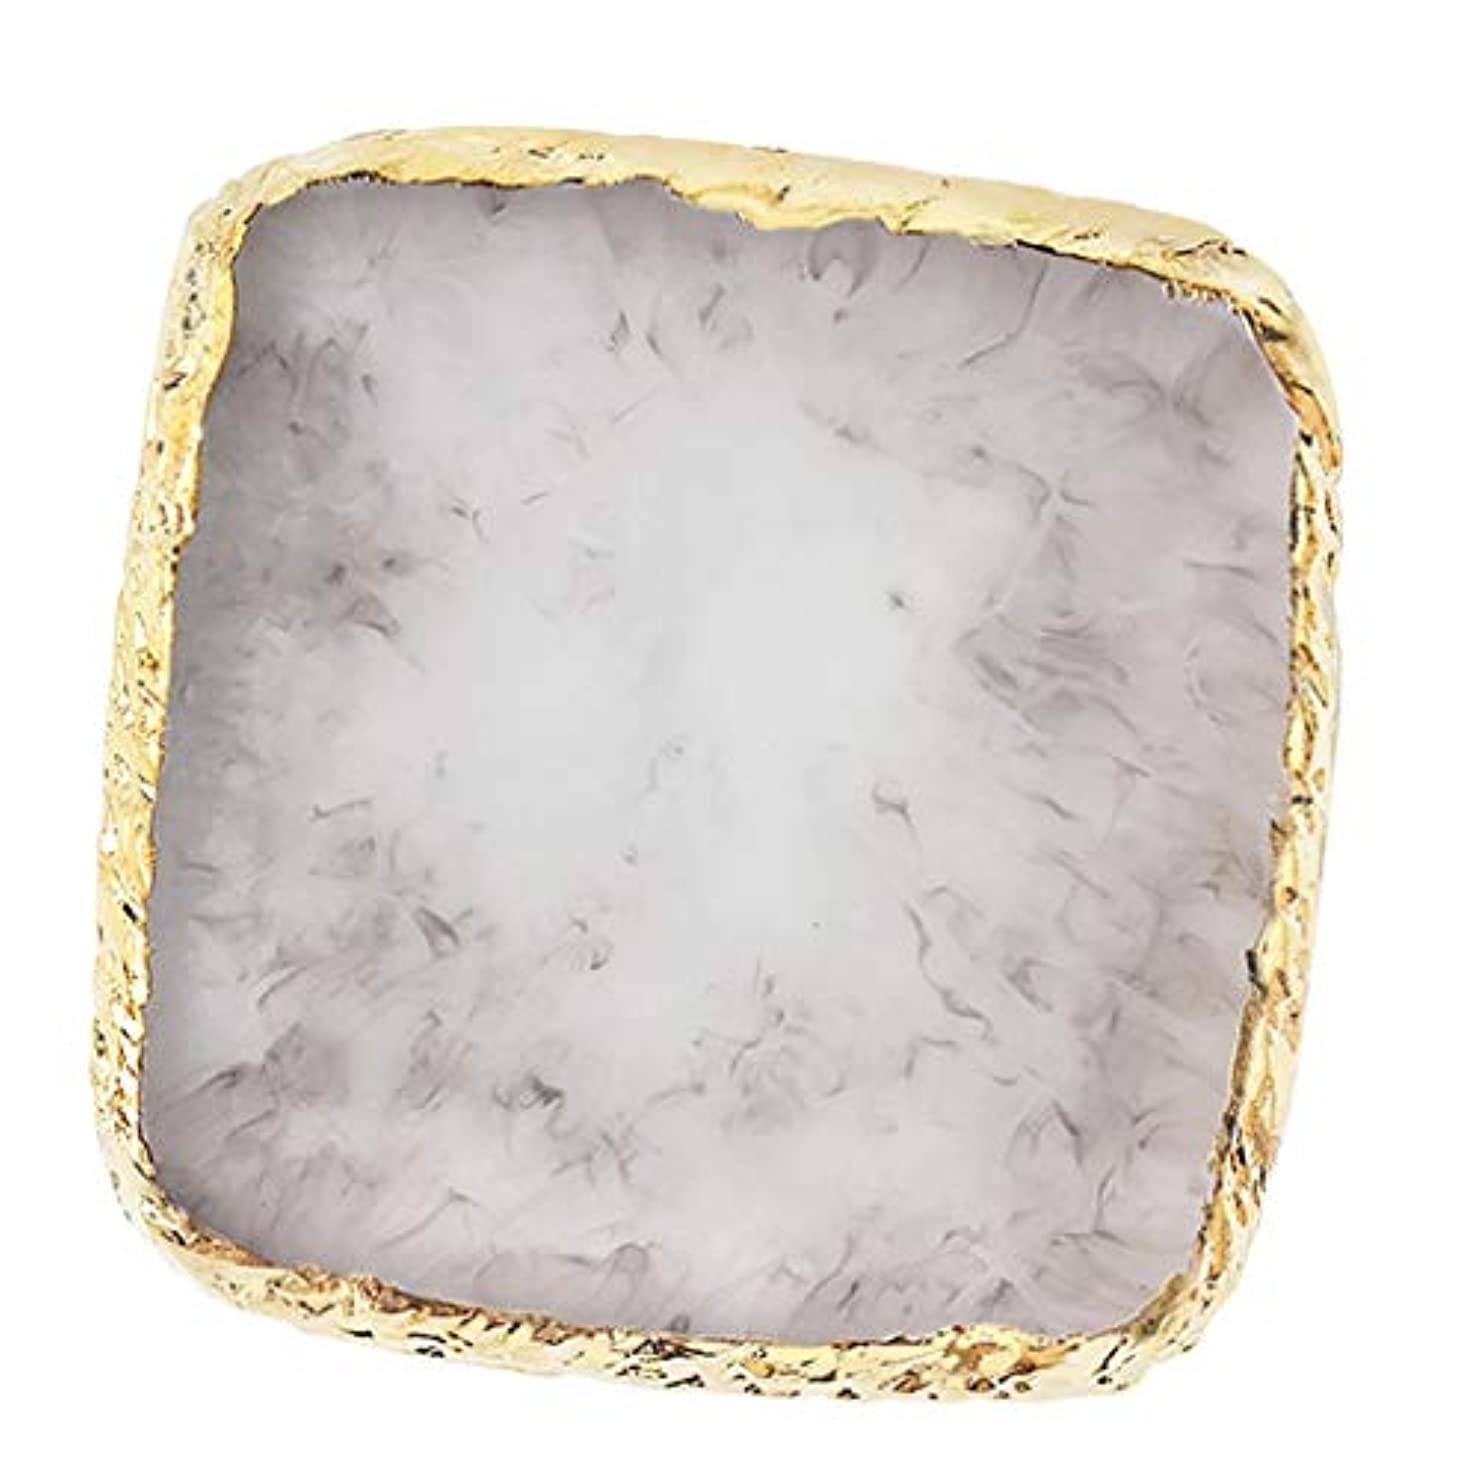 エゴイズム警報レオナルドダIPOTCH ネイルアート カラーブレンド ミキシングパレット 樹脂製 6色選べ - グレー